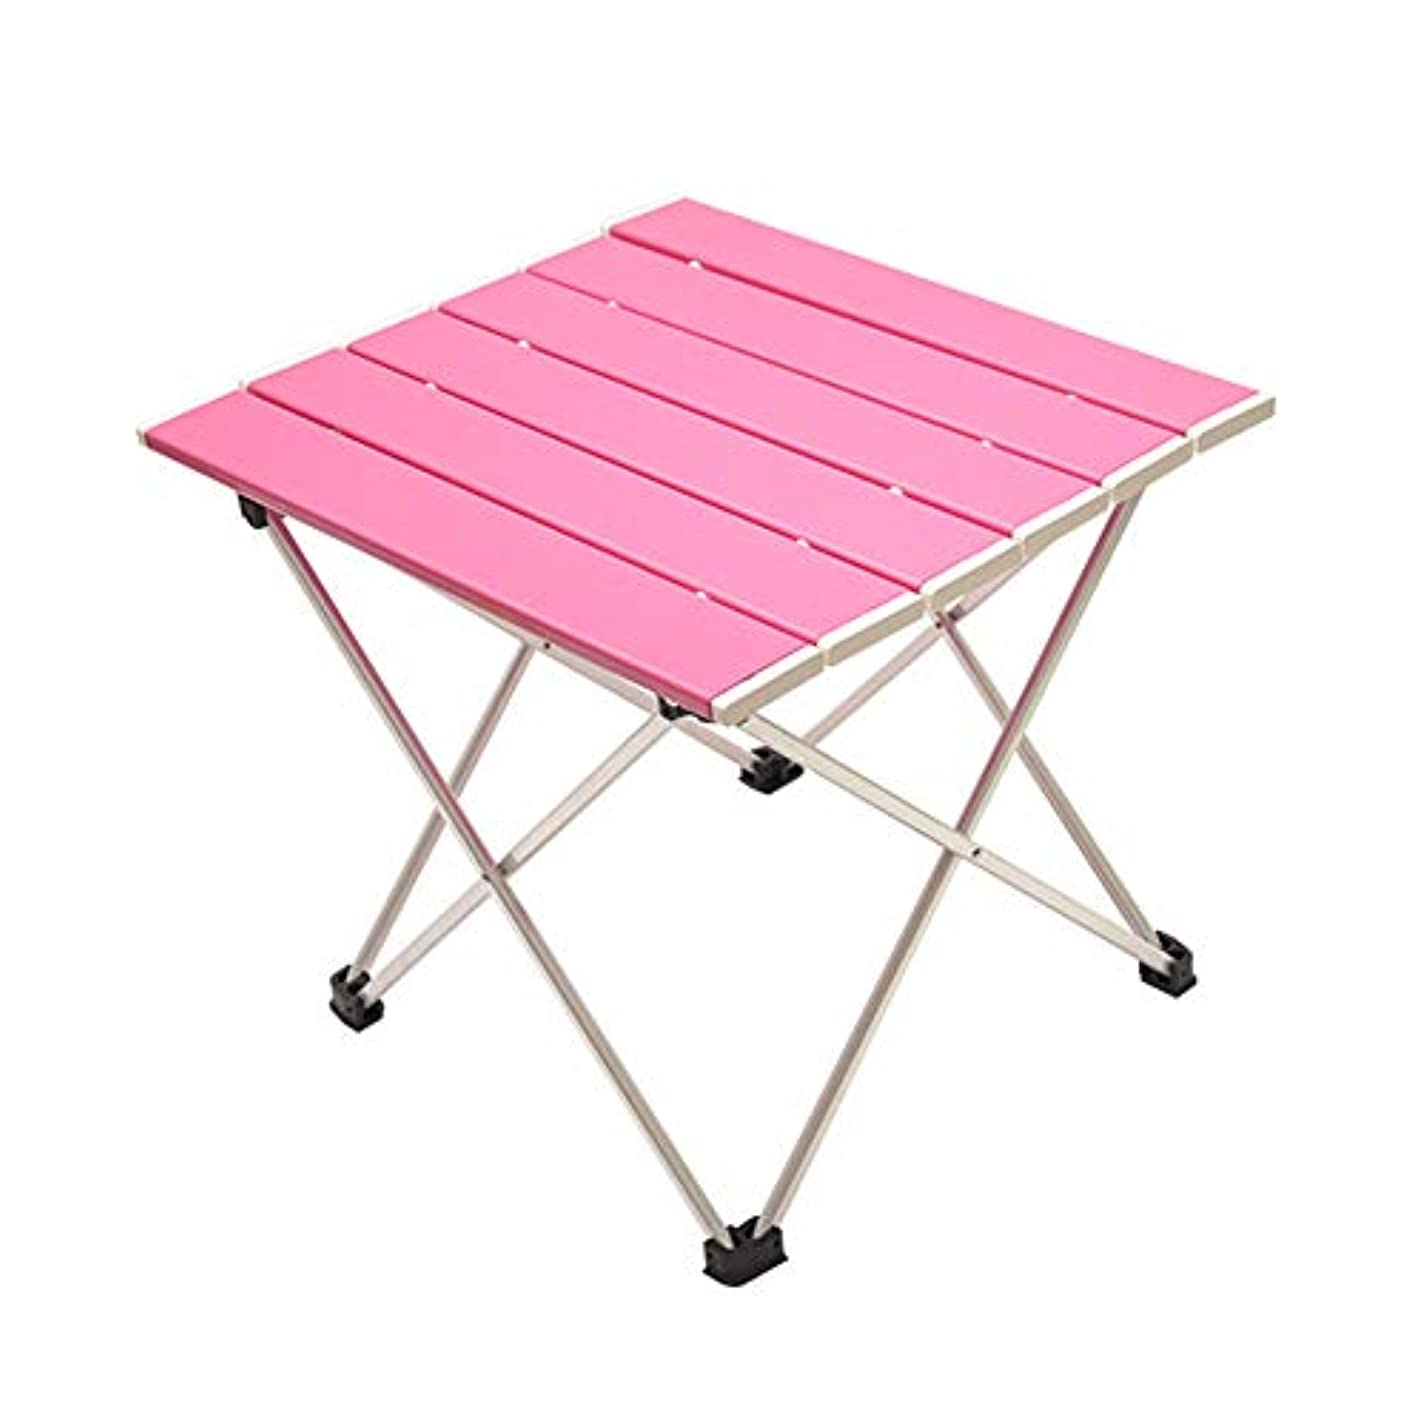 略語偶然所有者DC ポータブルキャンプテーブル ポータブルピクニックテーブル アルミテーブル 折りたたみテーブル 机 デスク